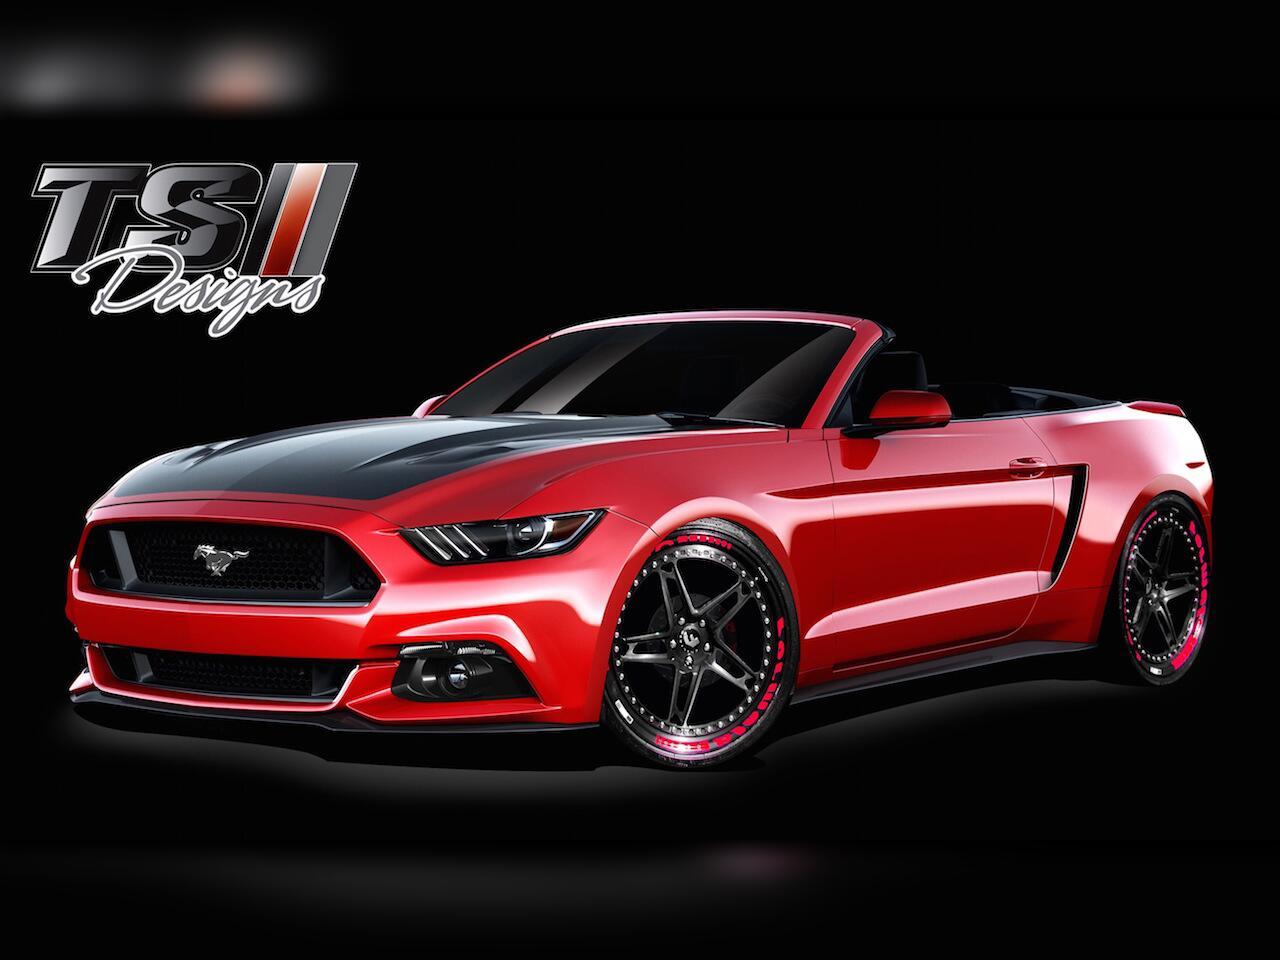 Bild zu Buntes von Ford: Acht radikale Ford Mustang-Tuningkonzepte für die SEMA 2015